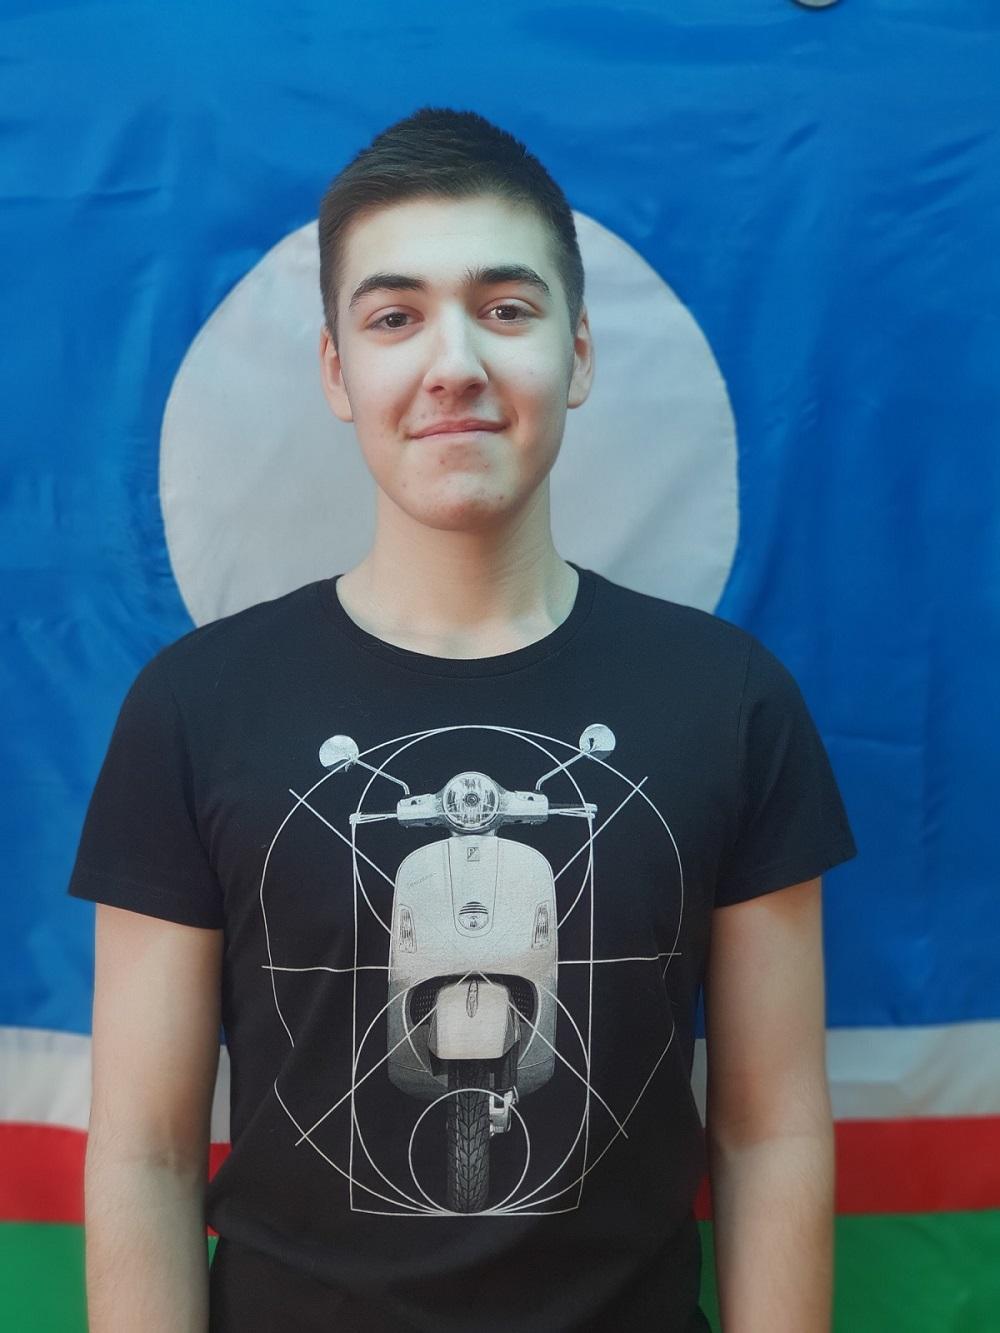 Каледа Алексей 11 класс